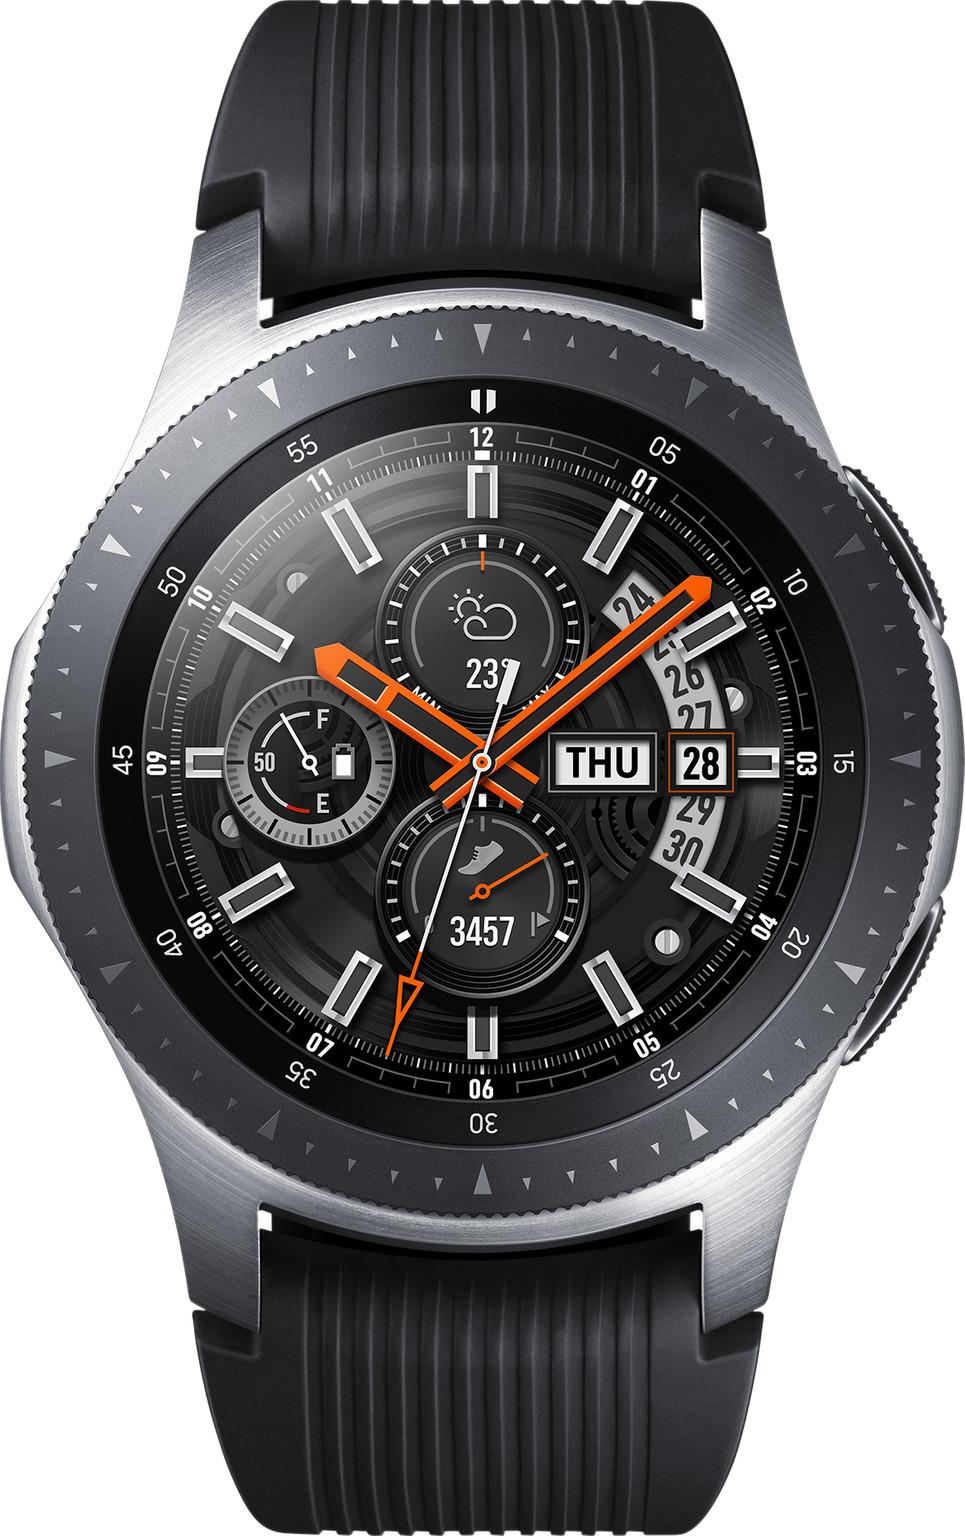 Beste smartwatch Samsung Galaxy Watch 46mm Silver